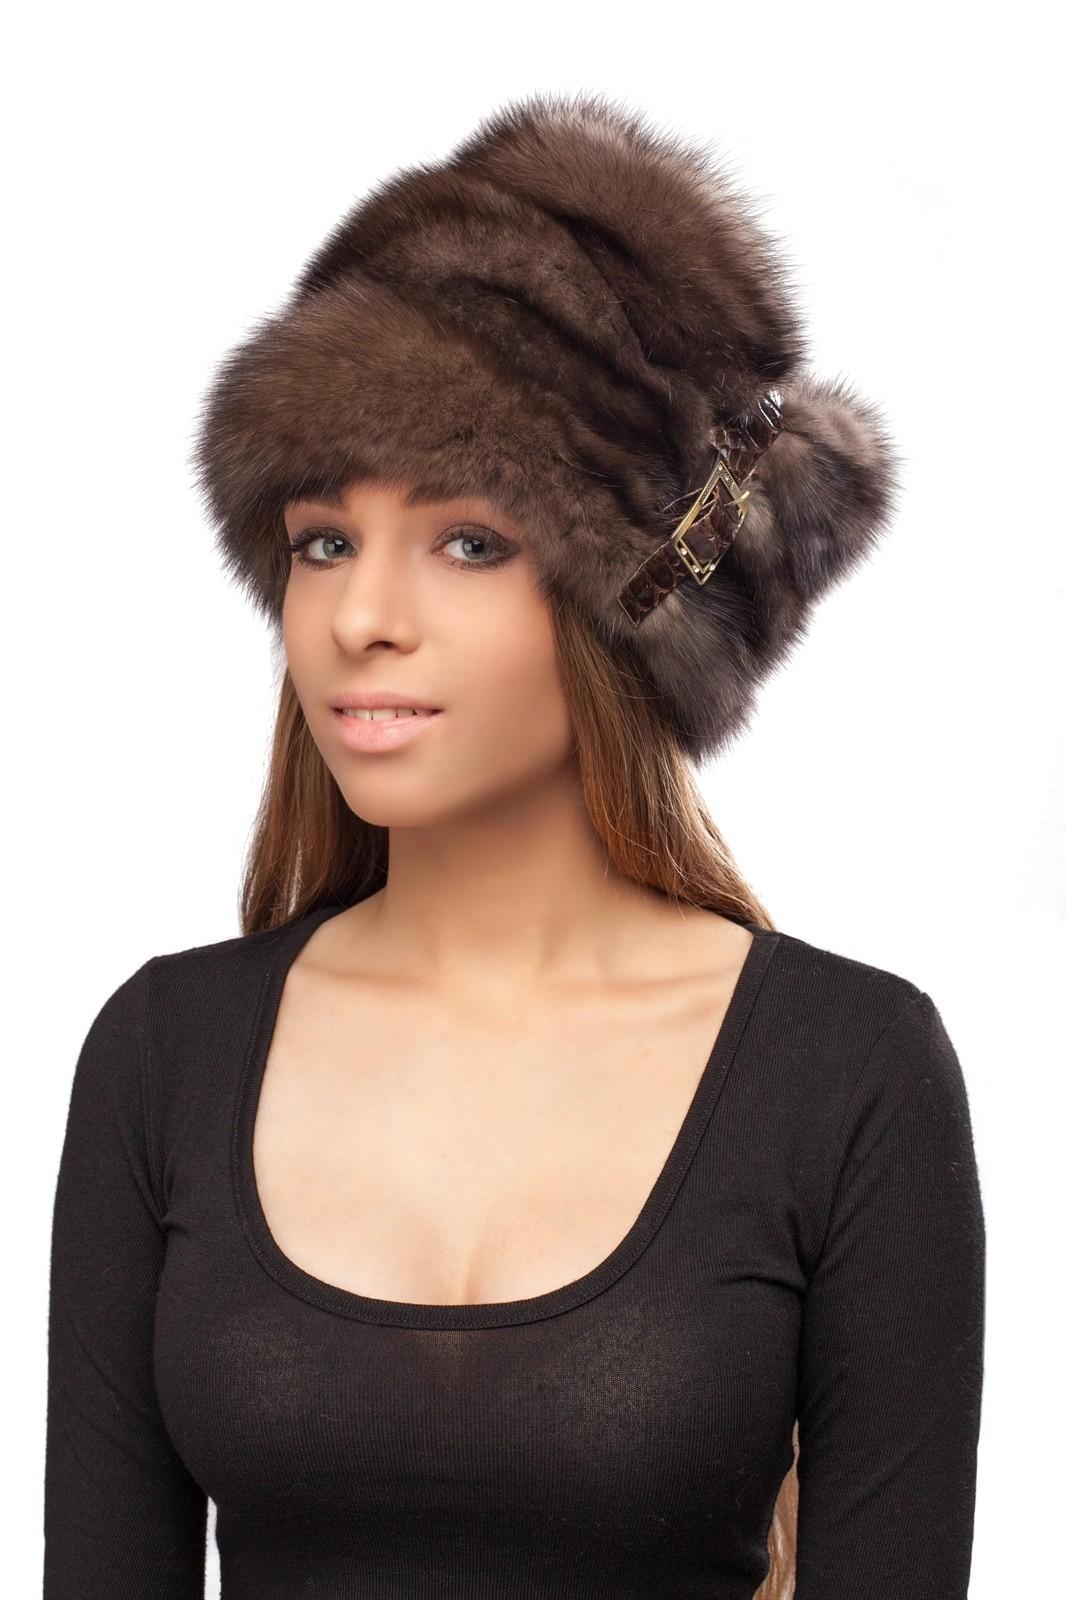 модные головные уборы 2018: шапка папаха из меха